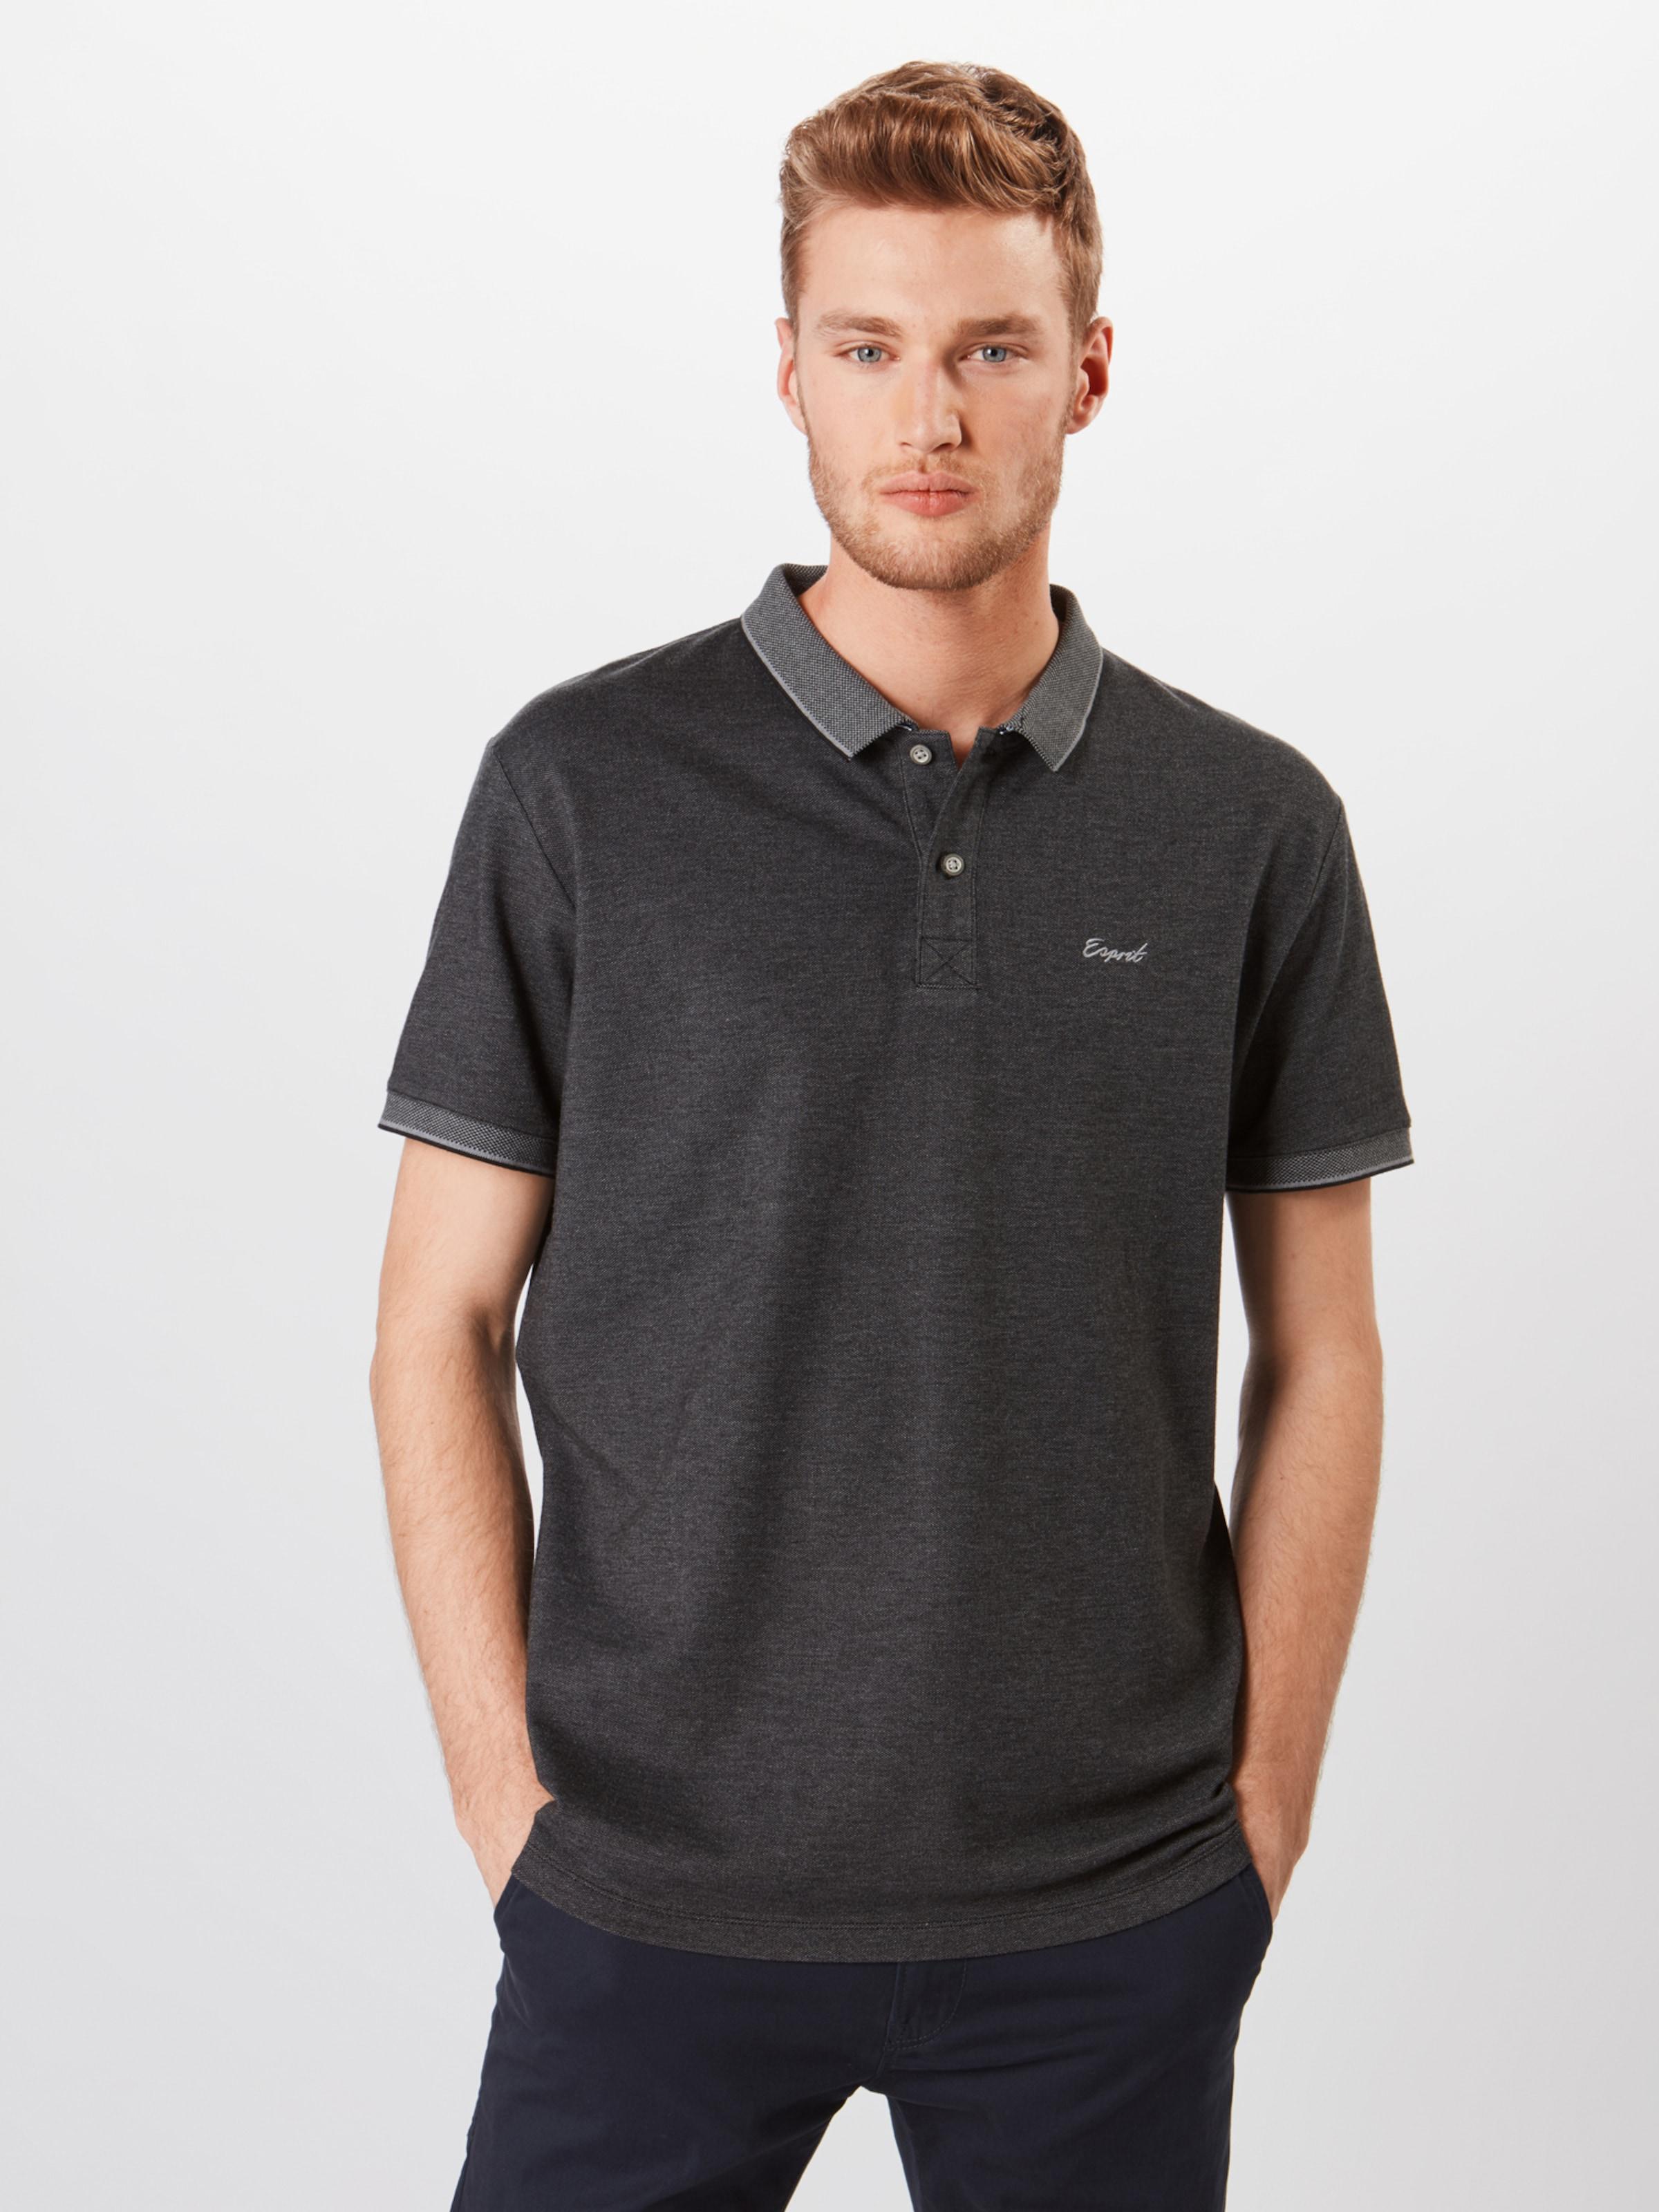 Esprit T Esprit En En Noir shirt shirt T uOkXiPZ